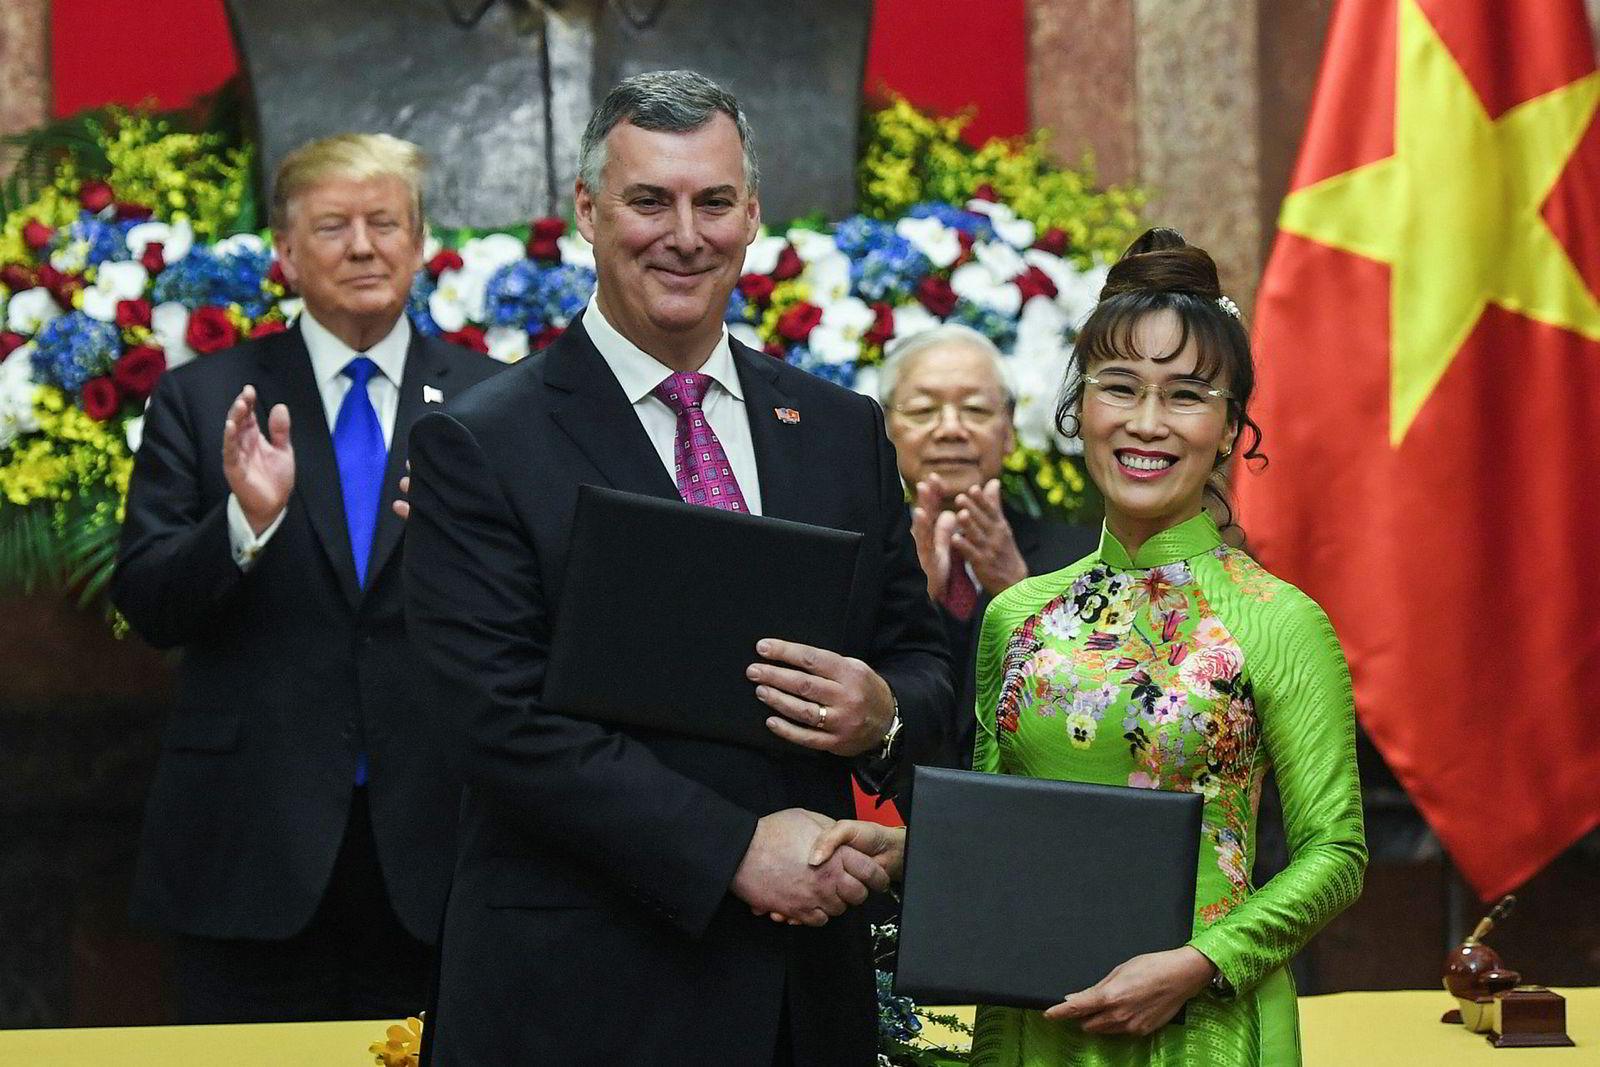 Nguyen Thi Phuong Thao står bak lavprisflyselskapet VietJet, som har satt inn ordrer på over 370 fly hos Boeing og Airbus. Ordrer på 18 milliarder dollar ble satt inn hos amerikanske selskaper i Hanoi på onsdag.